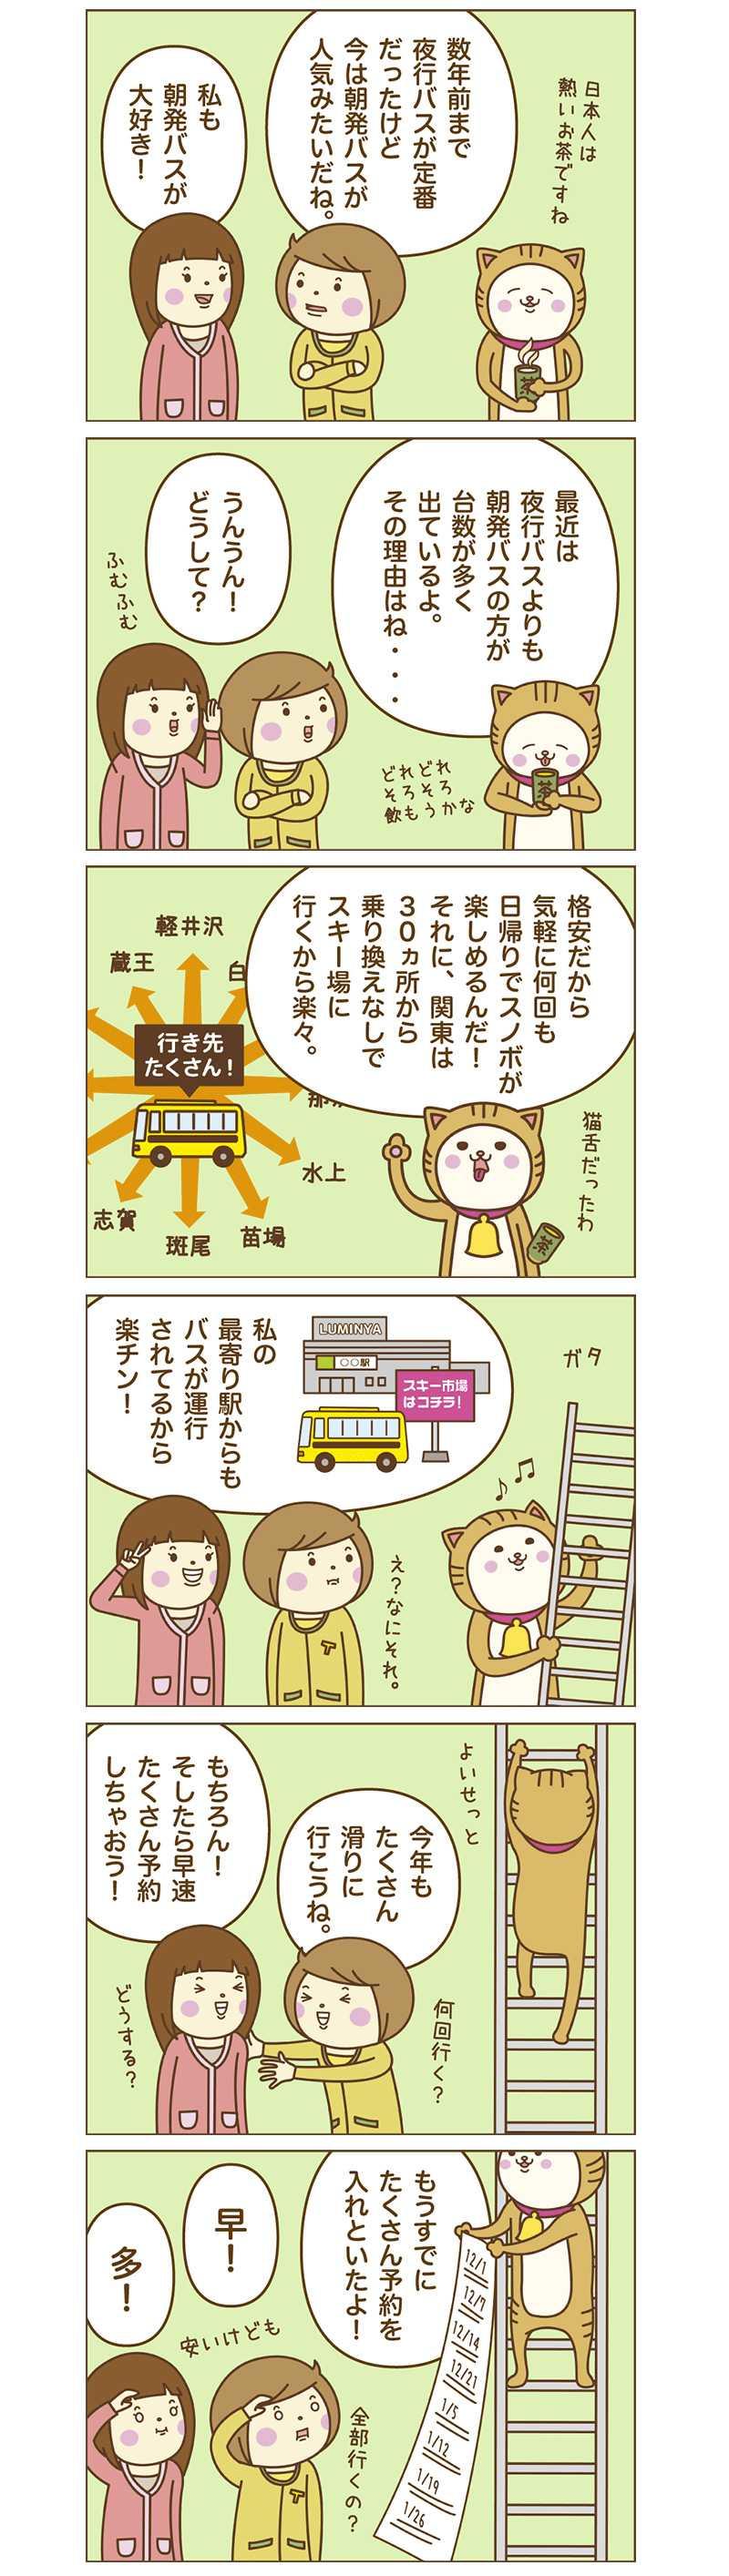 漫画 朝発日帰りスノボーが人気の訳